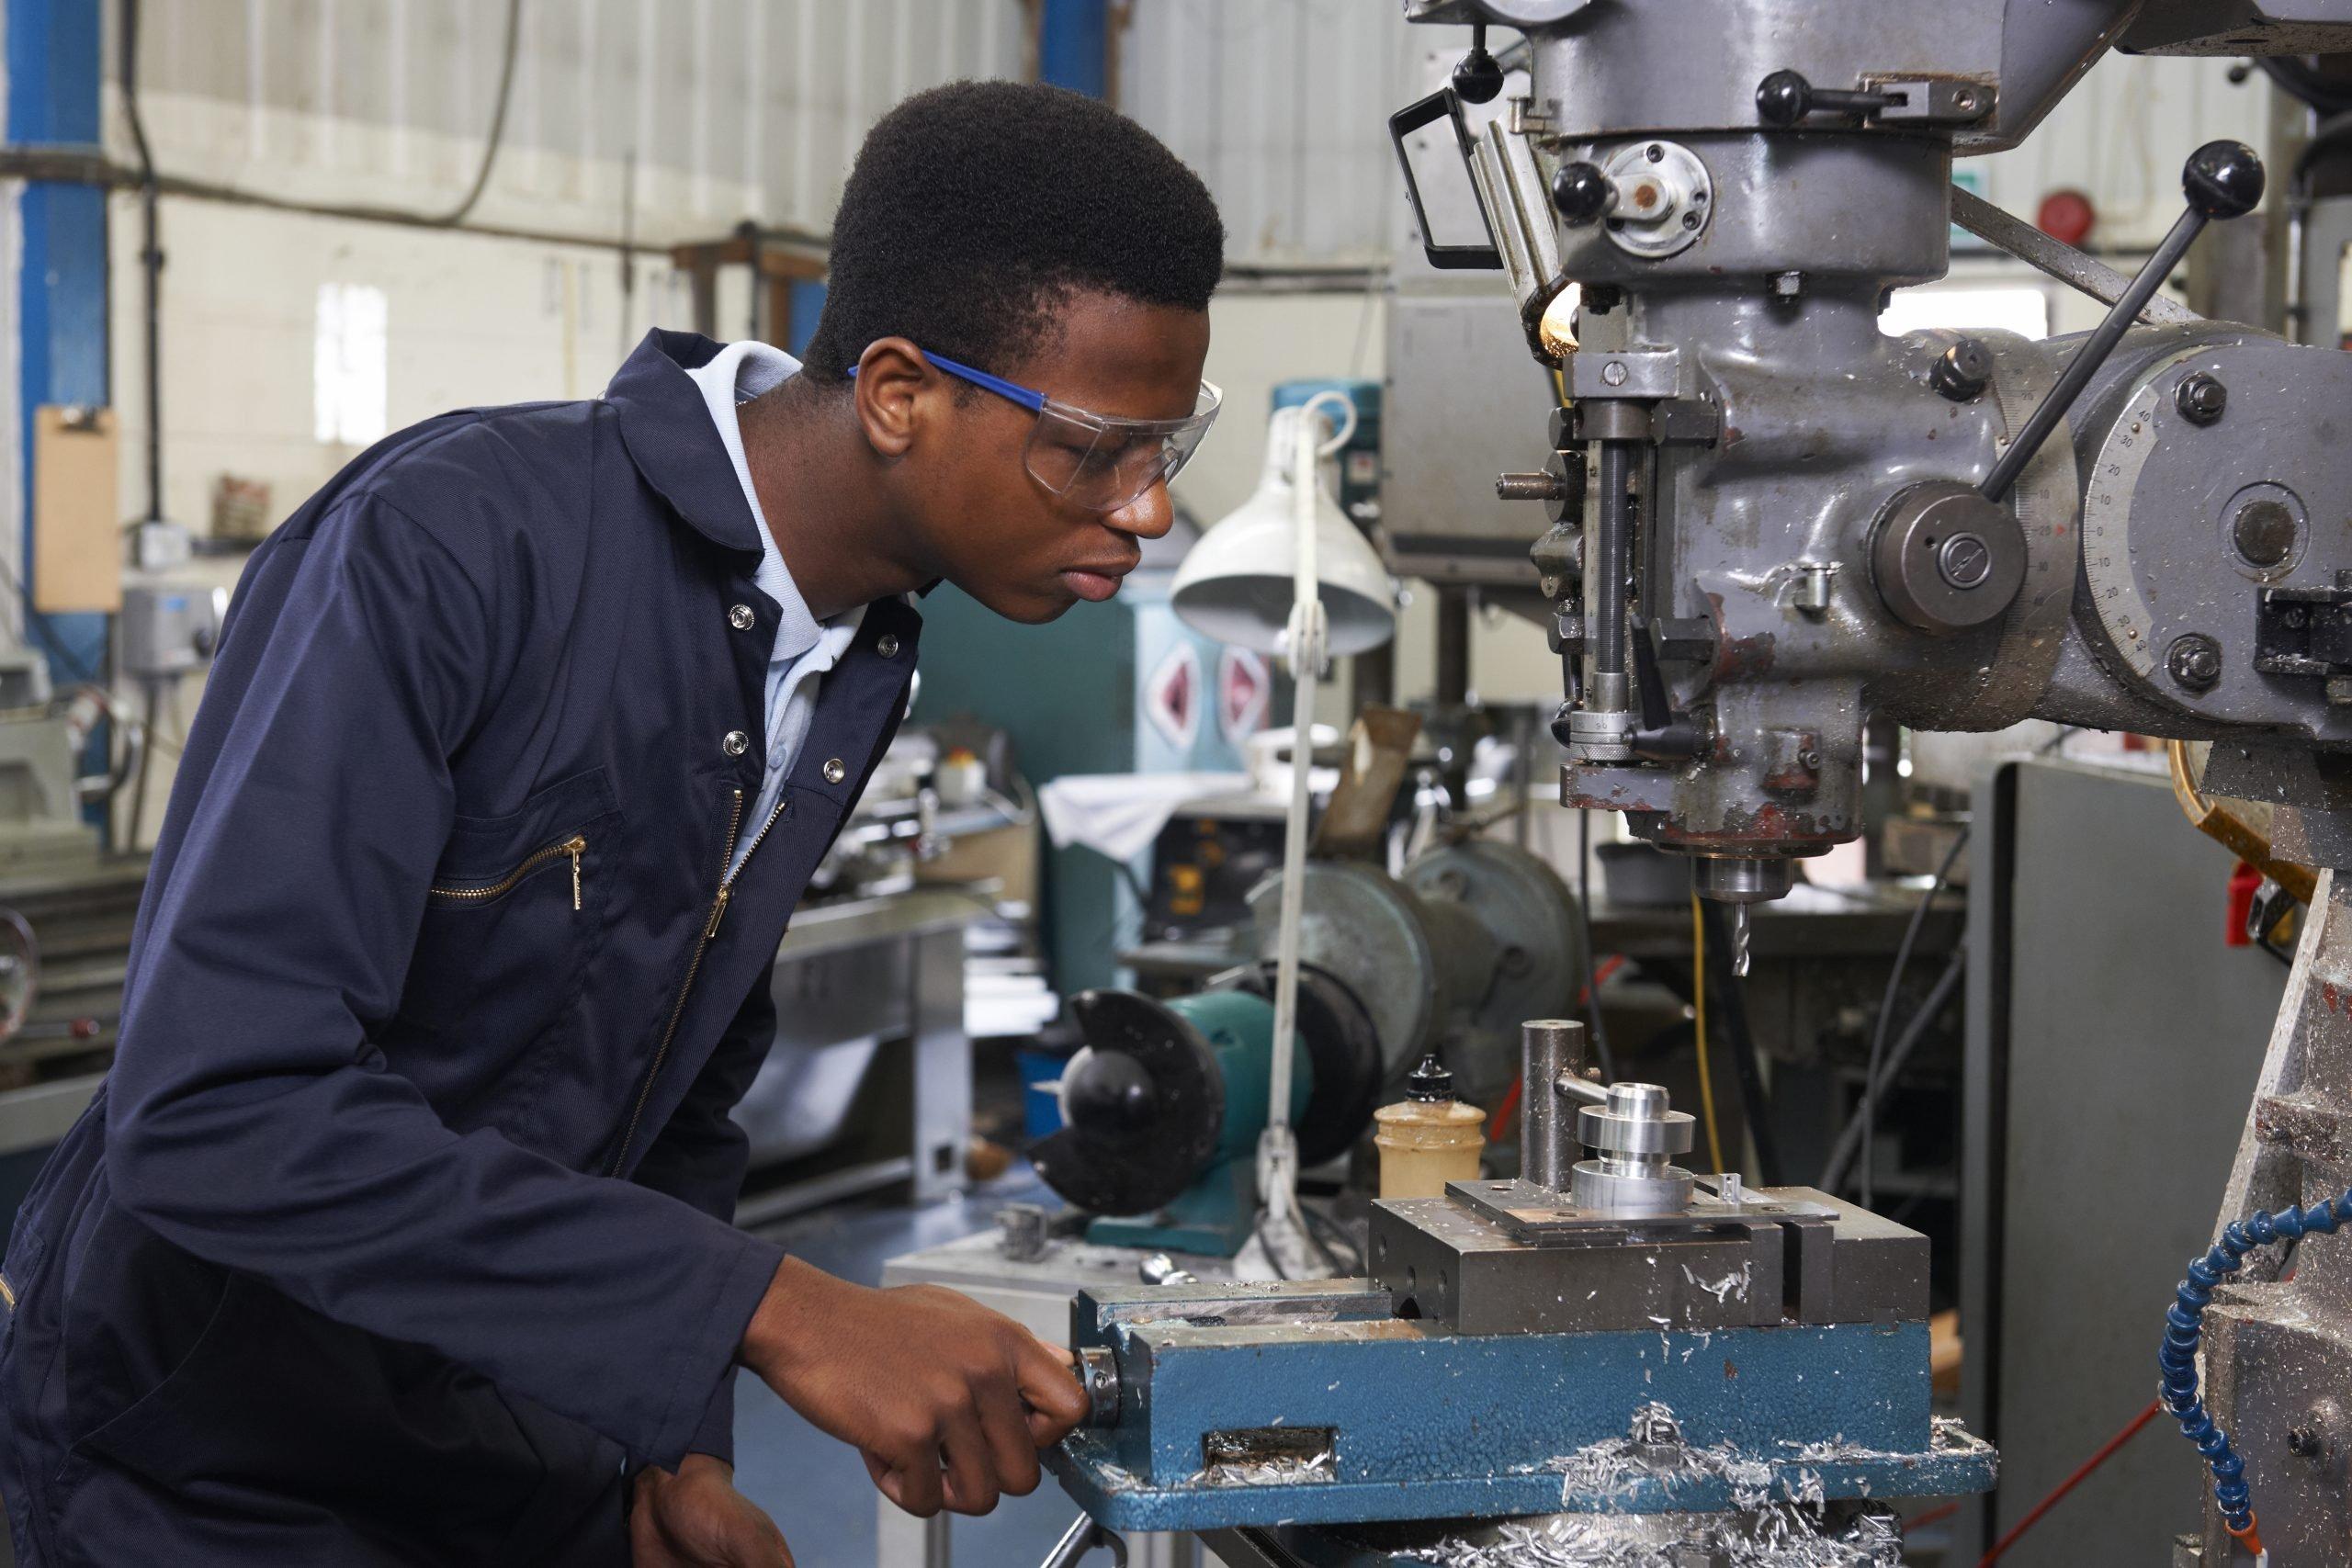 Young engineering trainee running machine